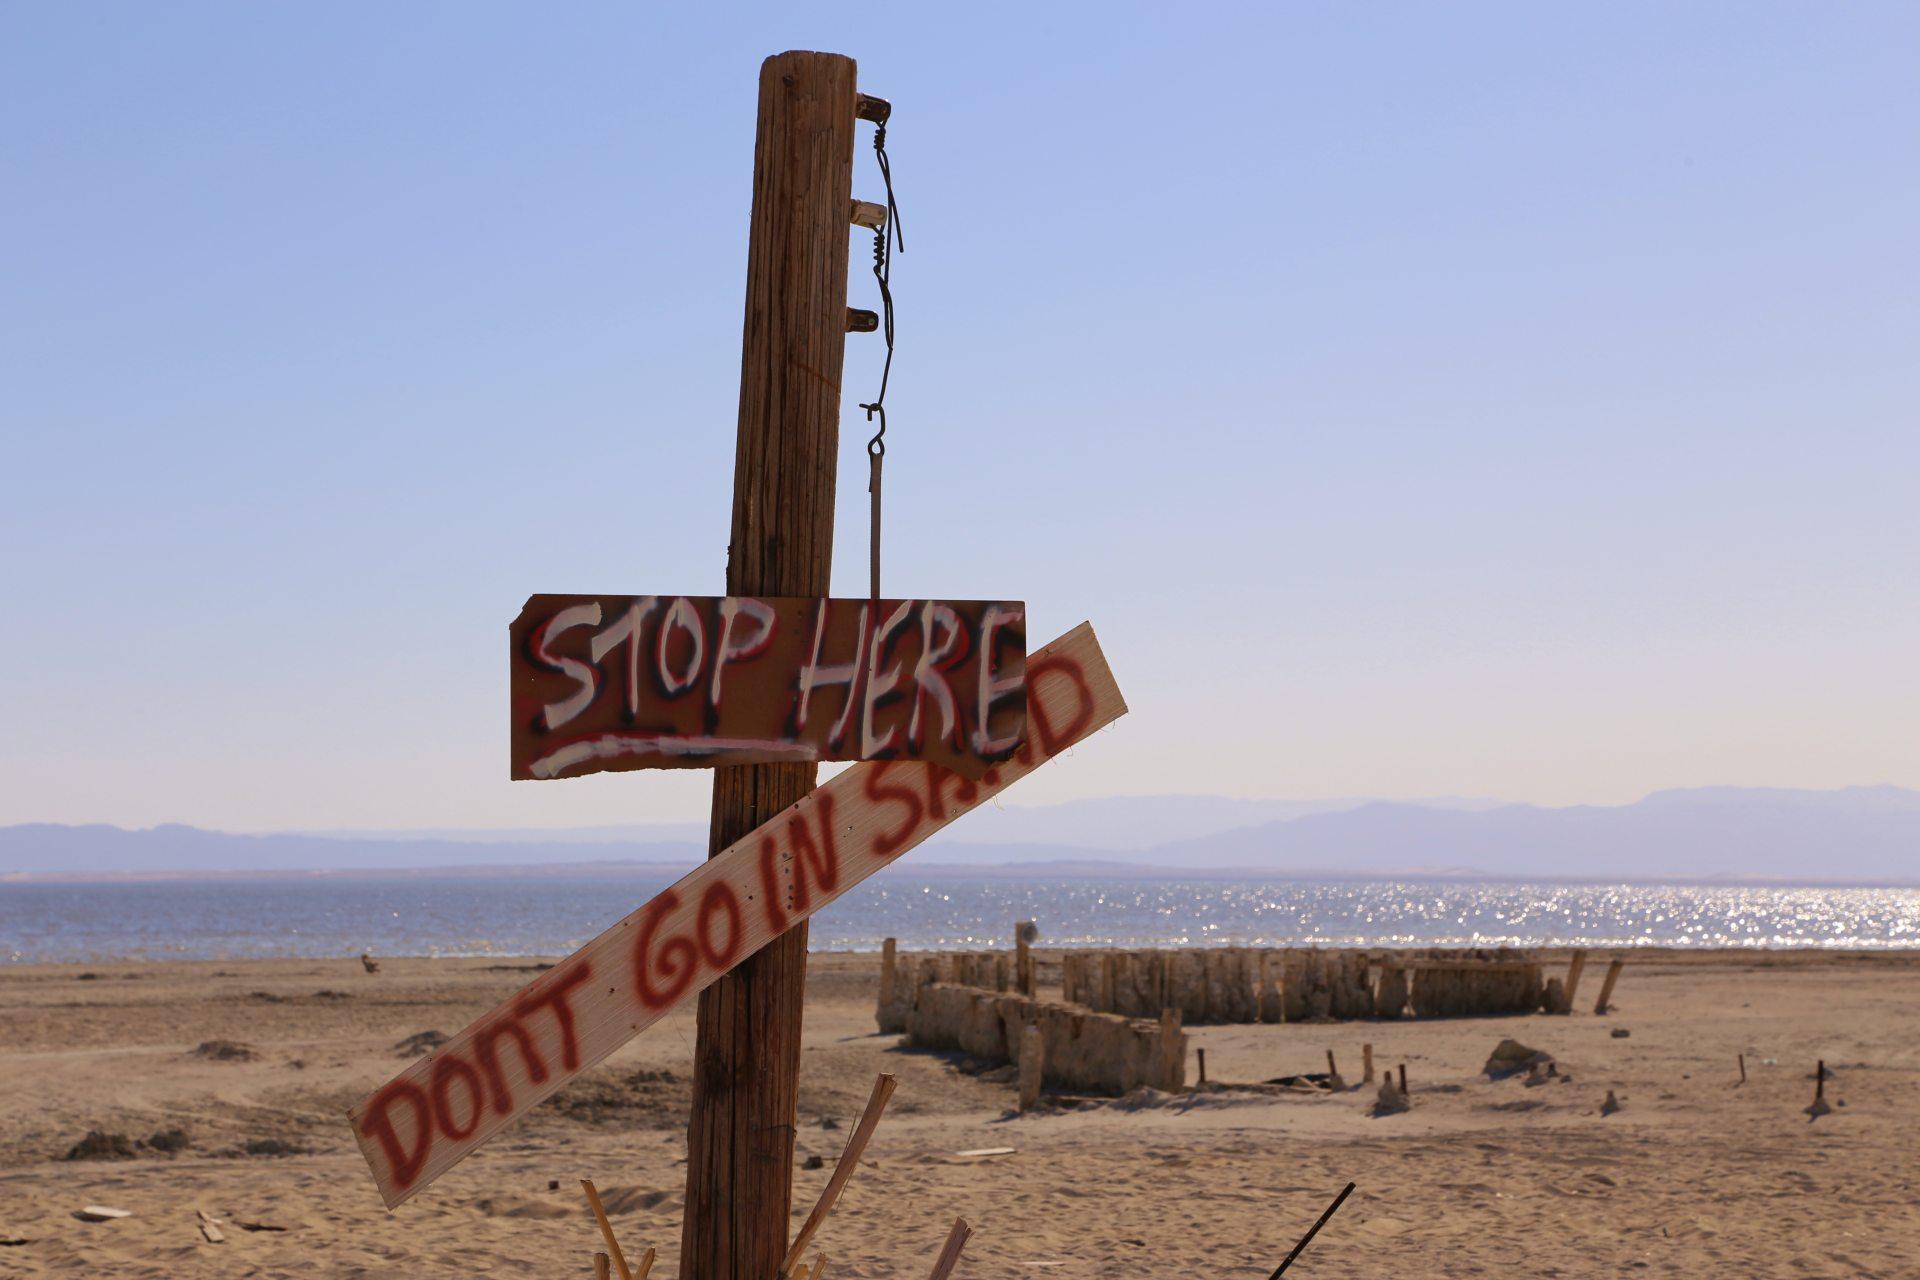 Salton Sea lädt niemanden mehr zum Baden ein - Aussicht, Bombay Beach, Endzeitstimmung, Fernsicht, heruntergekommen, Himmel, Kalifornien, Landschaft, Natur, Panorama, Salton Sea, Schild, STOP HERE, Tafel, verfallen, verkommen, Weltuntergangsstimmung - (Bombay Beach, Niland, California, Vereinigte Staaten)